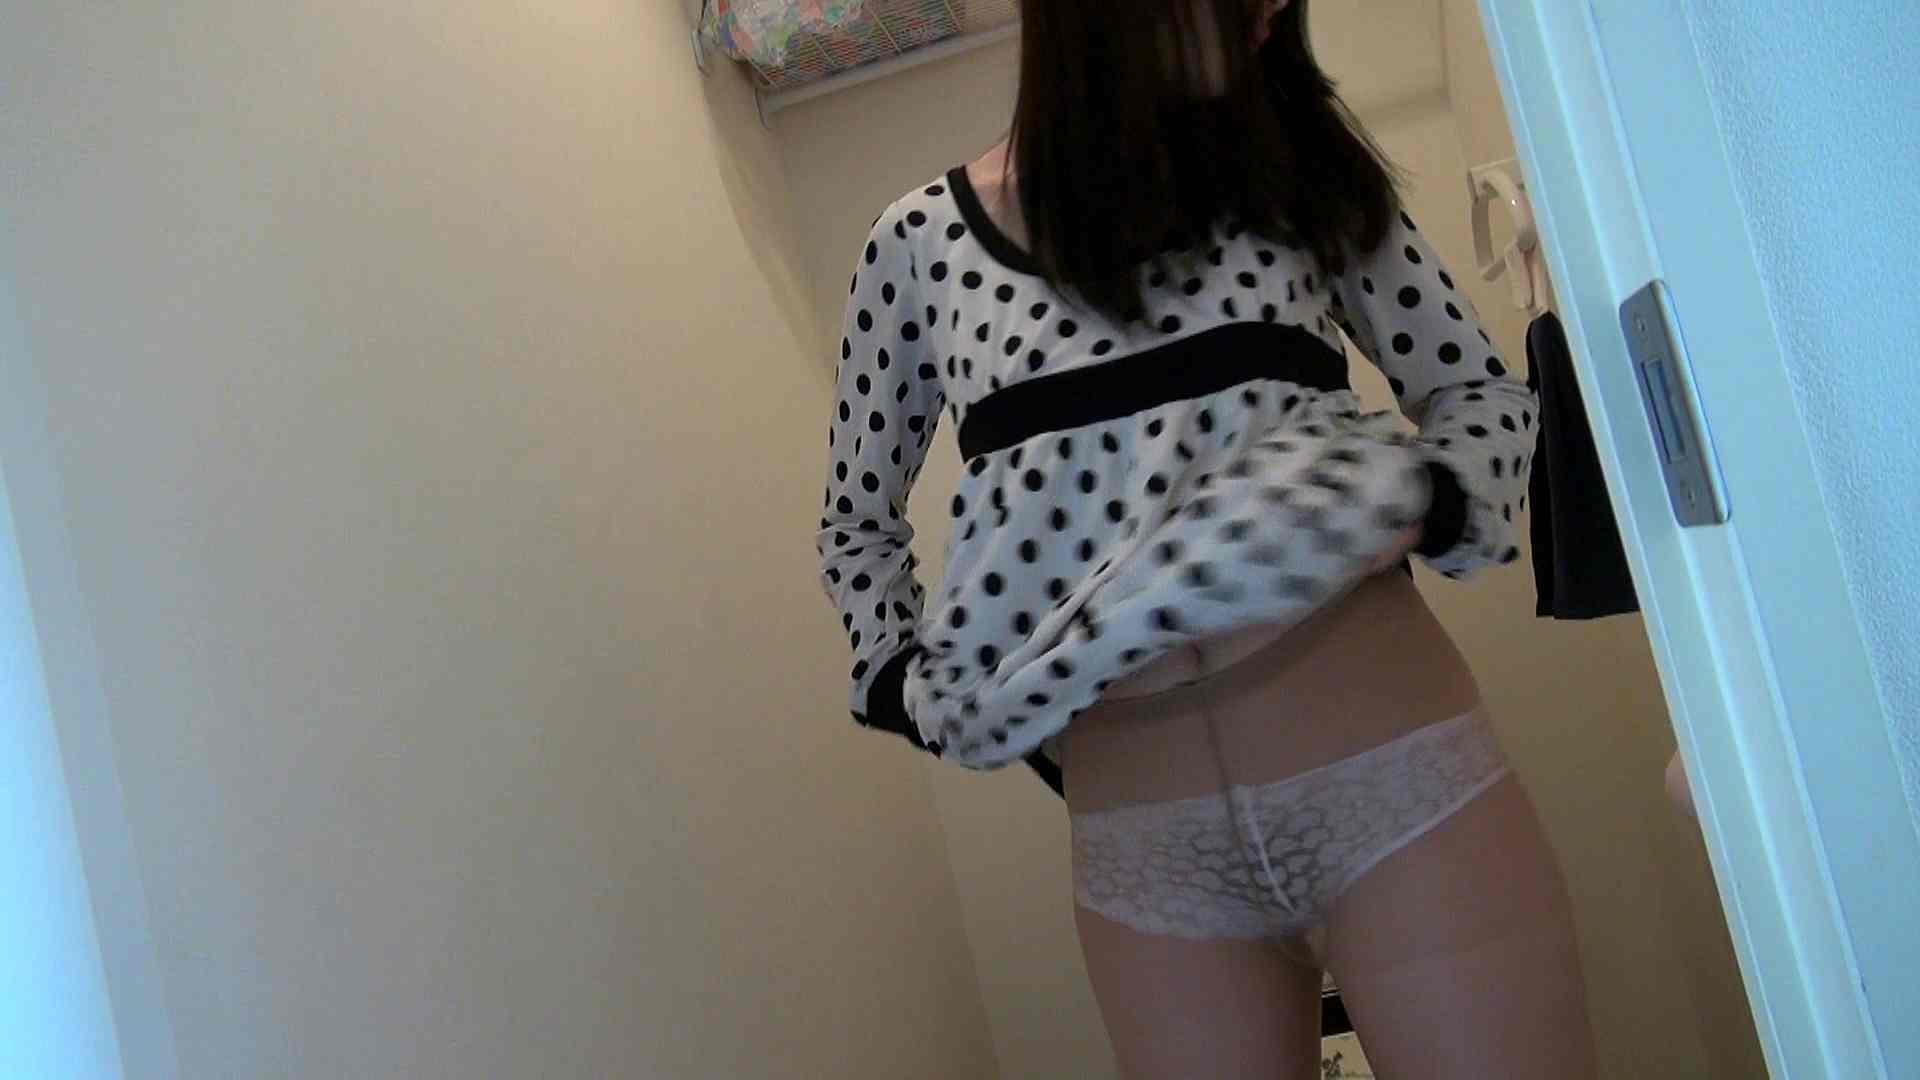 志穂さんにお手洗いに行ってもらいましょう 特撮オマンコ | 覗き  105連発 97